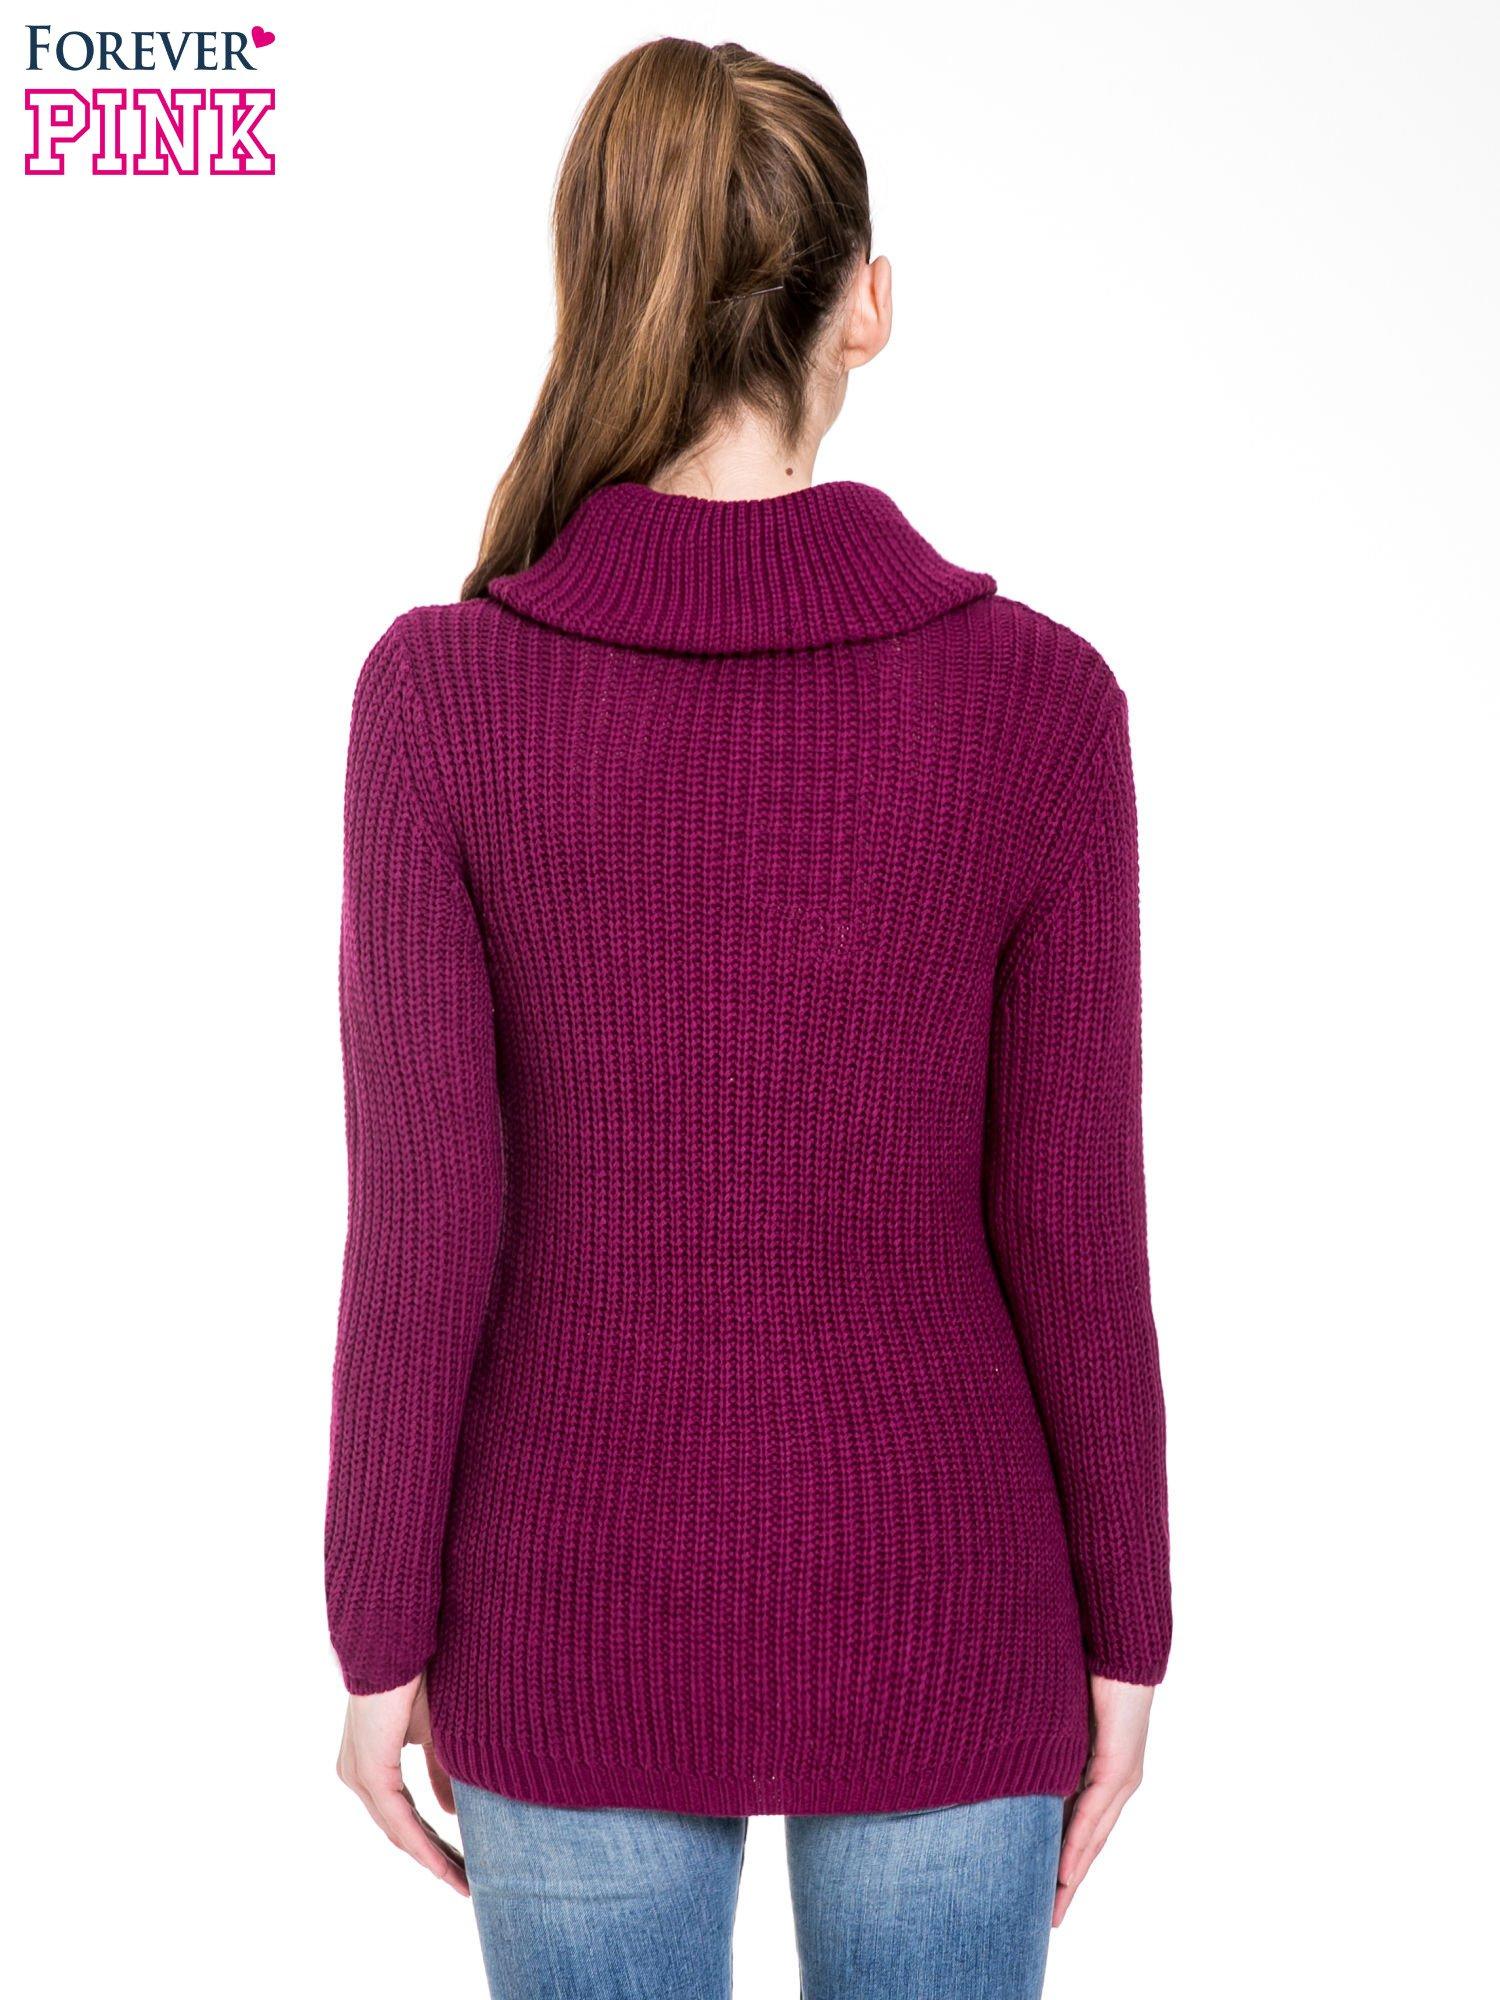 Bordowy ciepły sweter z golfowym kołnierzem                                  zdj.                                  4